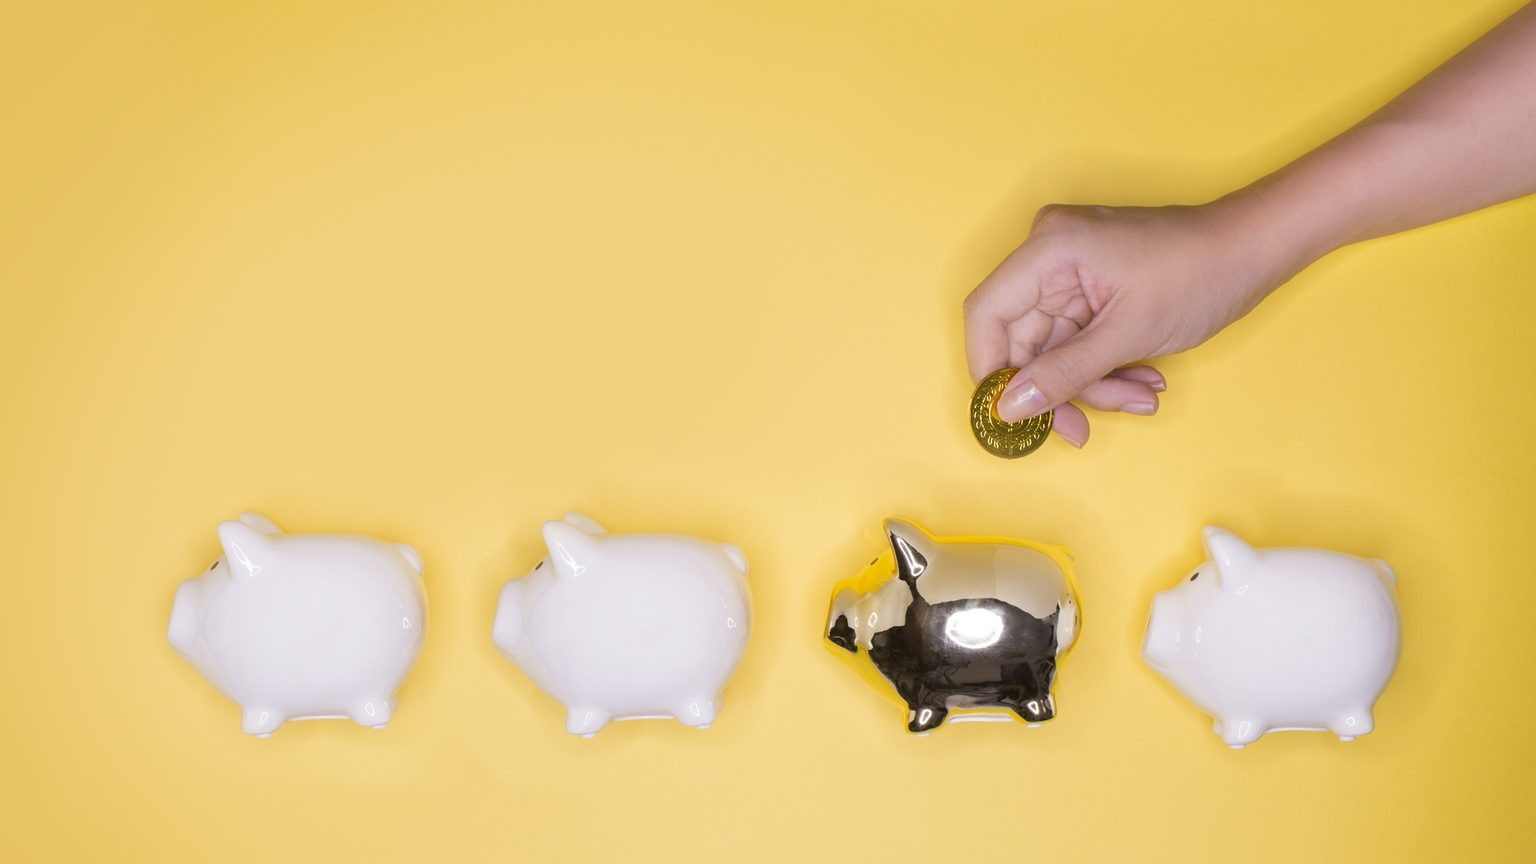 Hand putting coin into a golden piggy bank